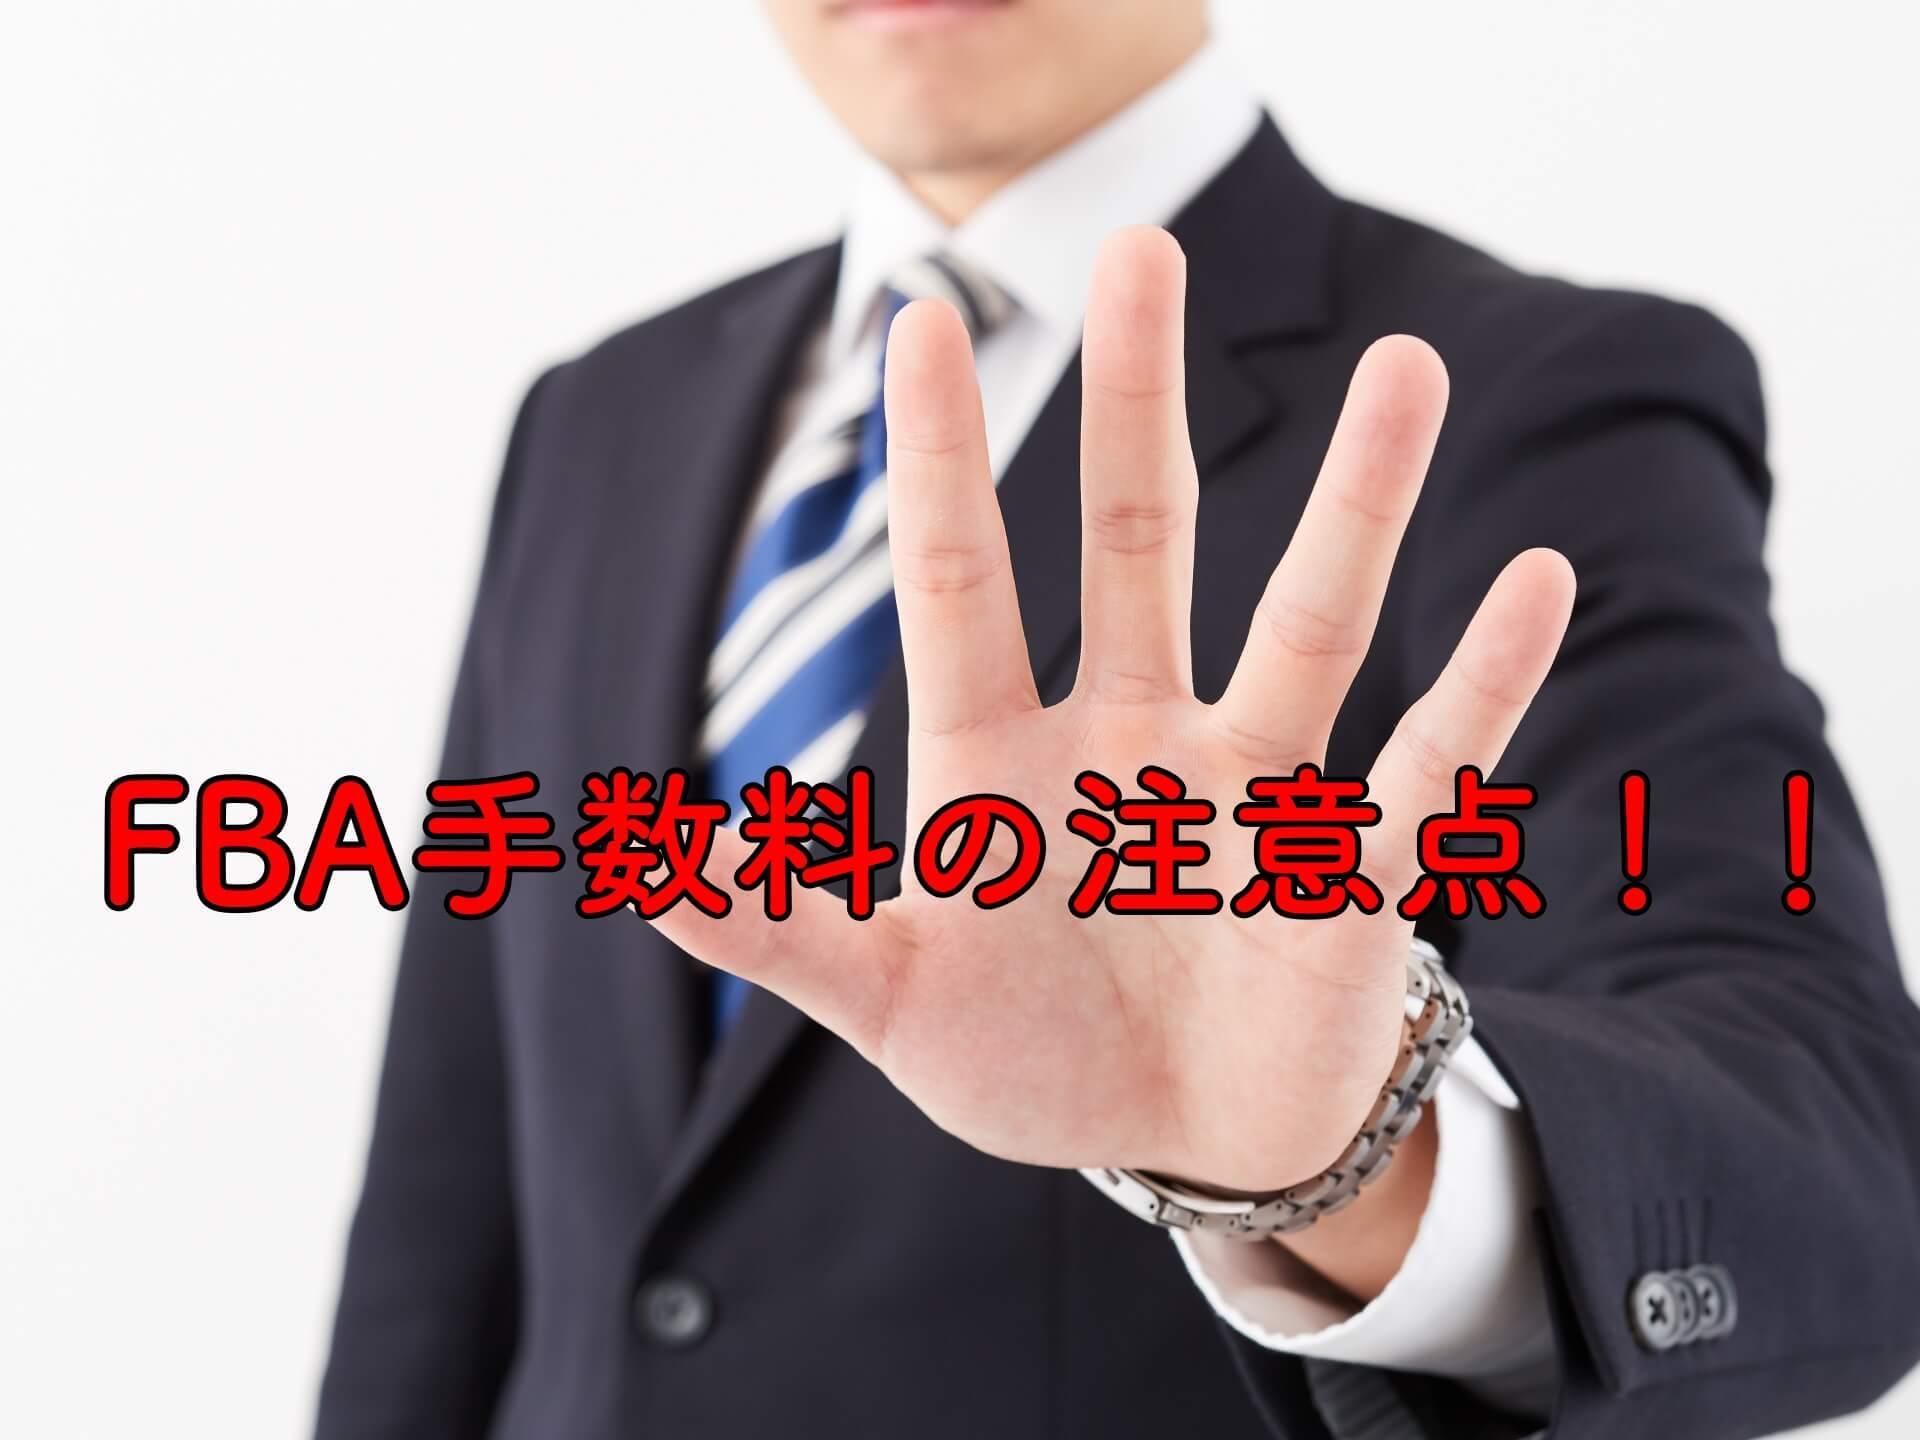 FBA手数料の注意点